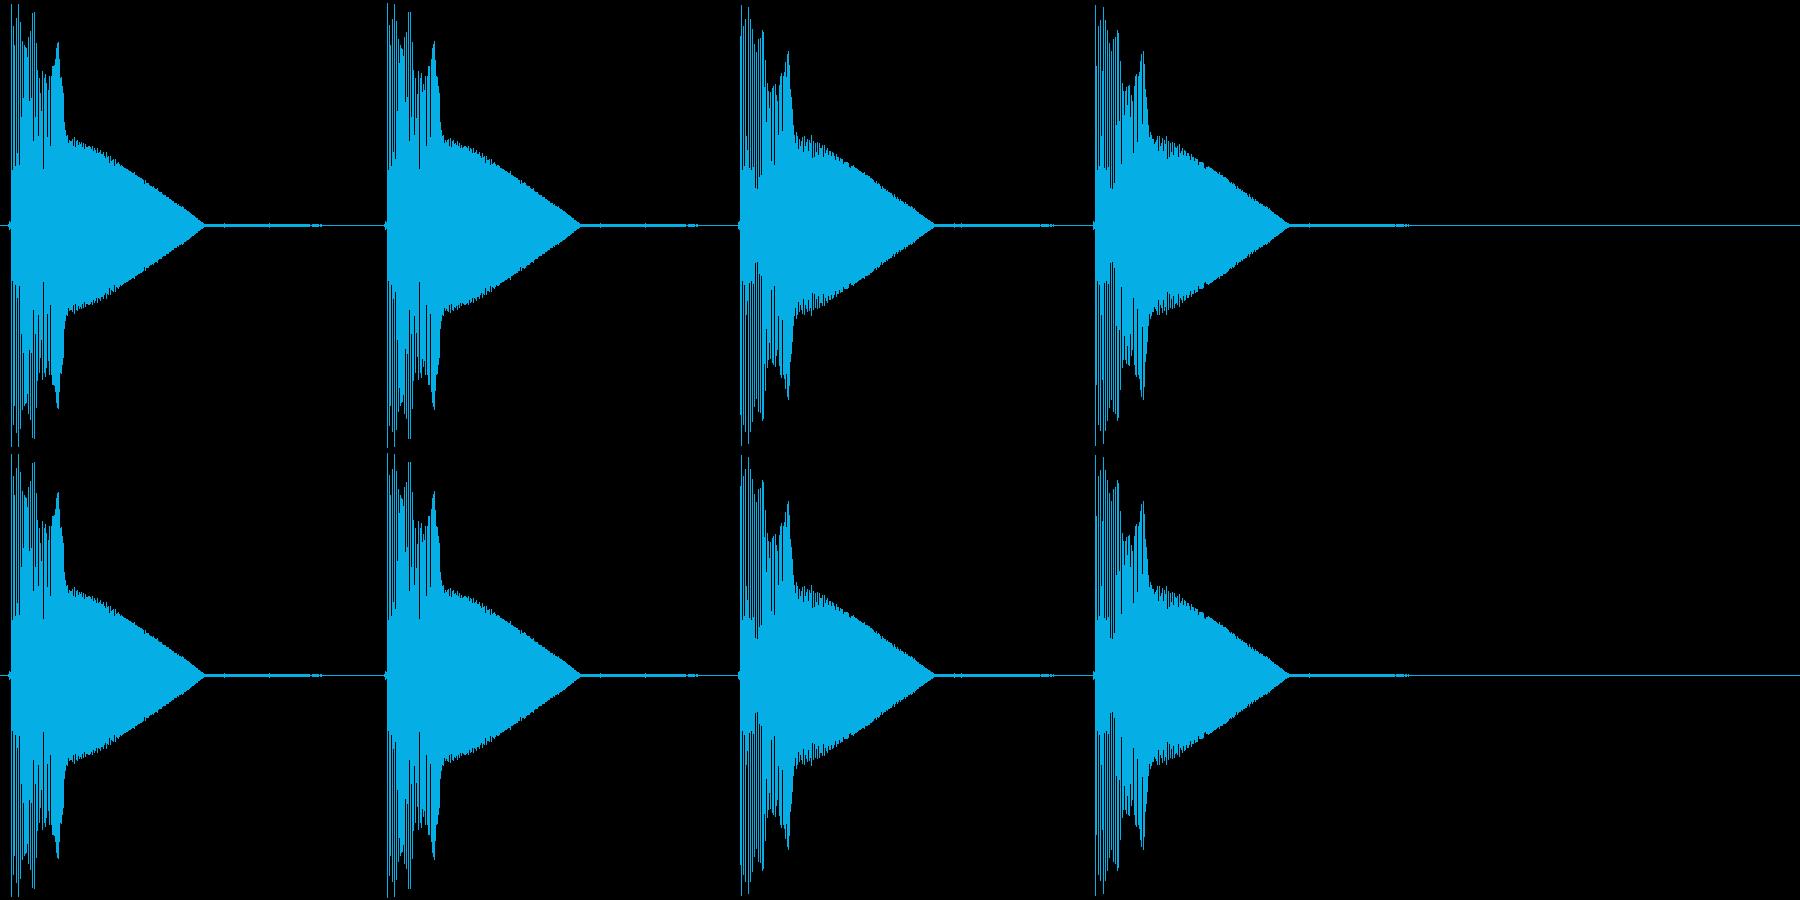 警告・警報・サイレン・ブザー#1の再生済みの波形